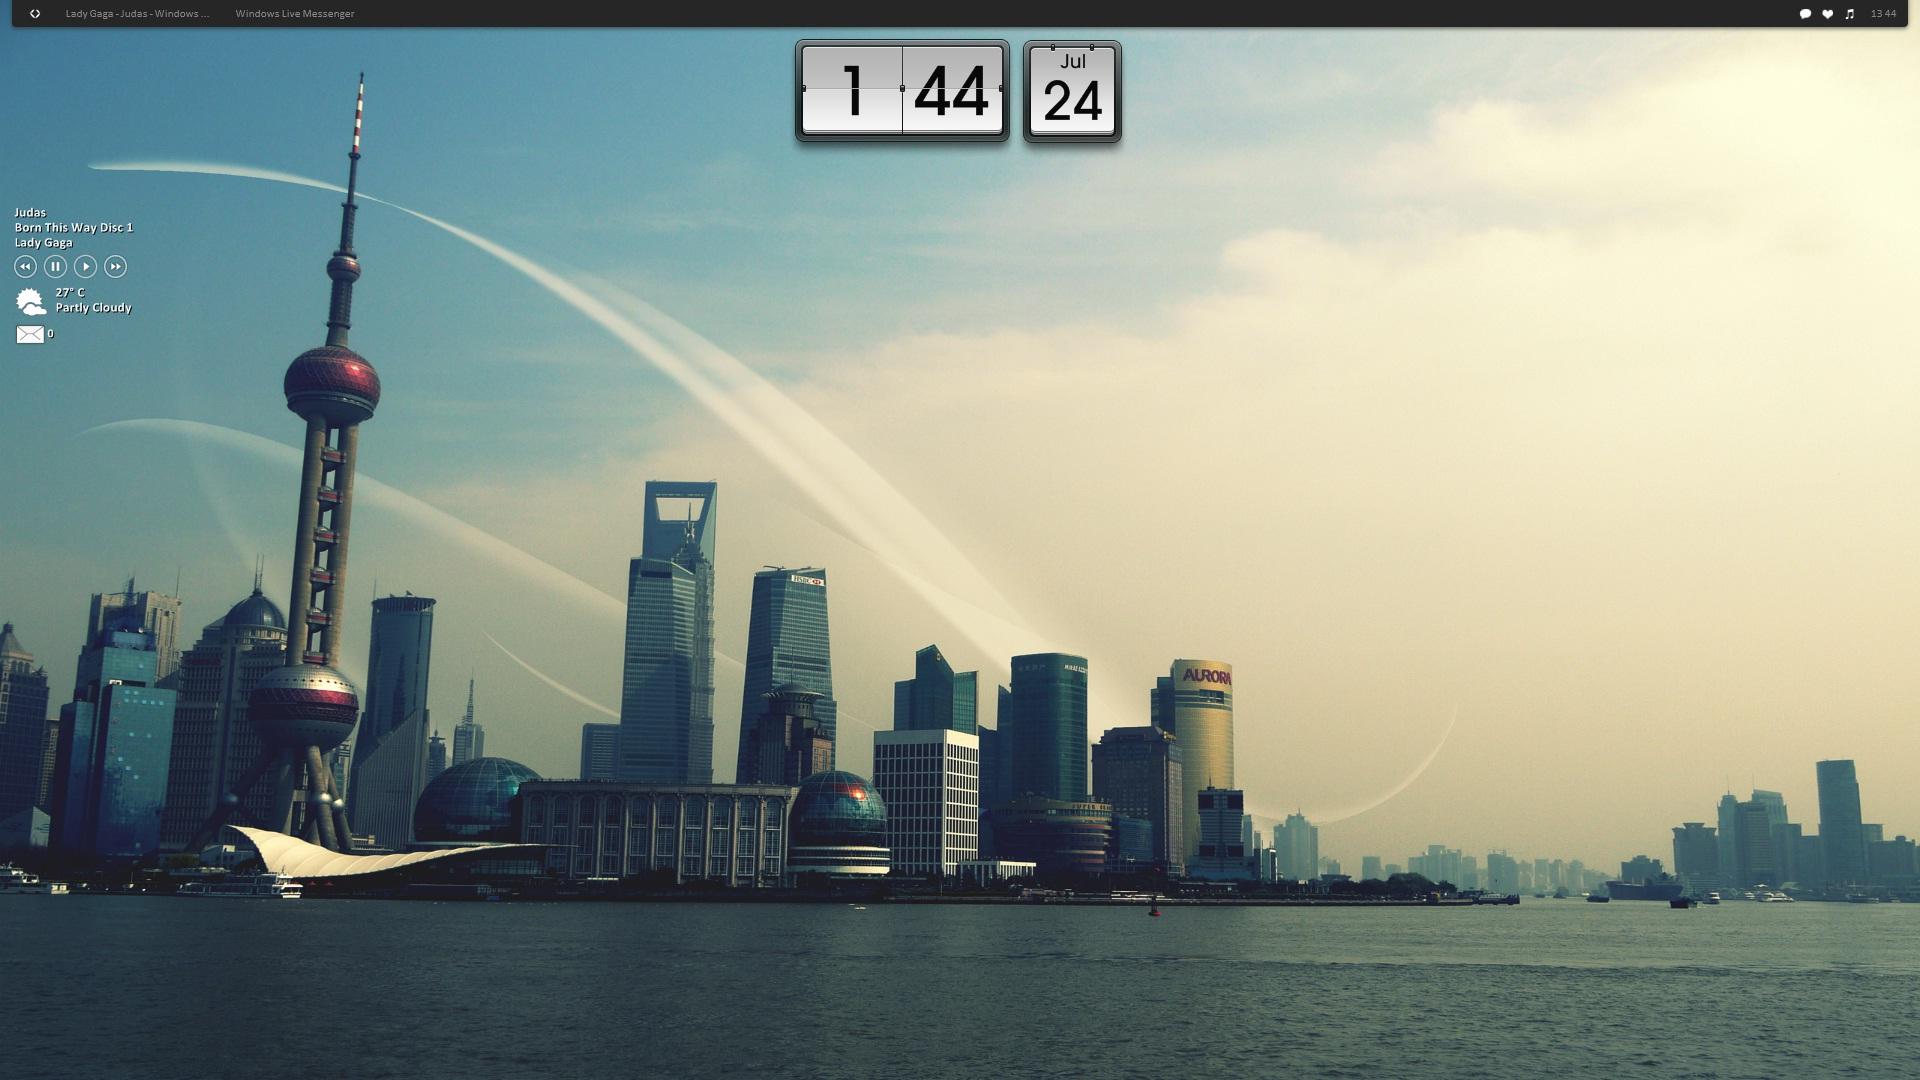 shanghai_love_by_bingbg-d41h1tb.jpg